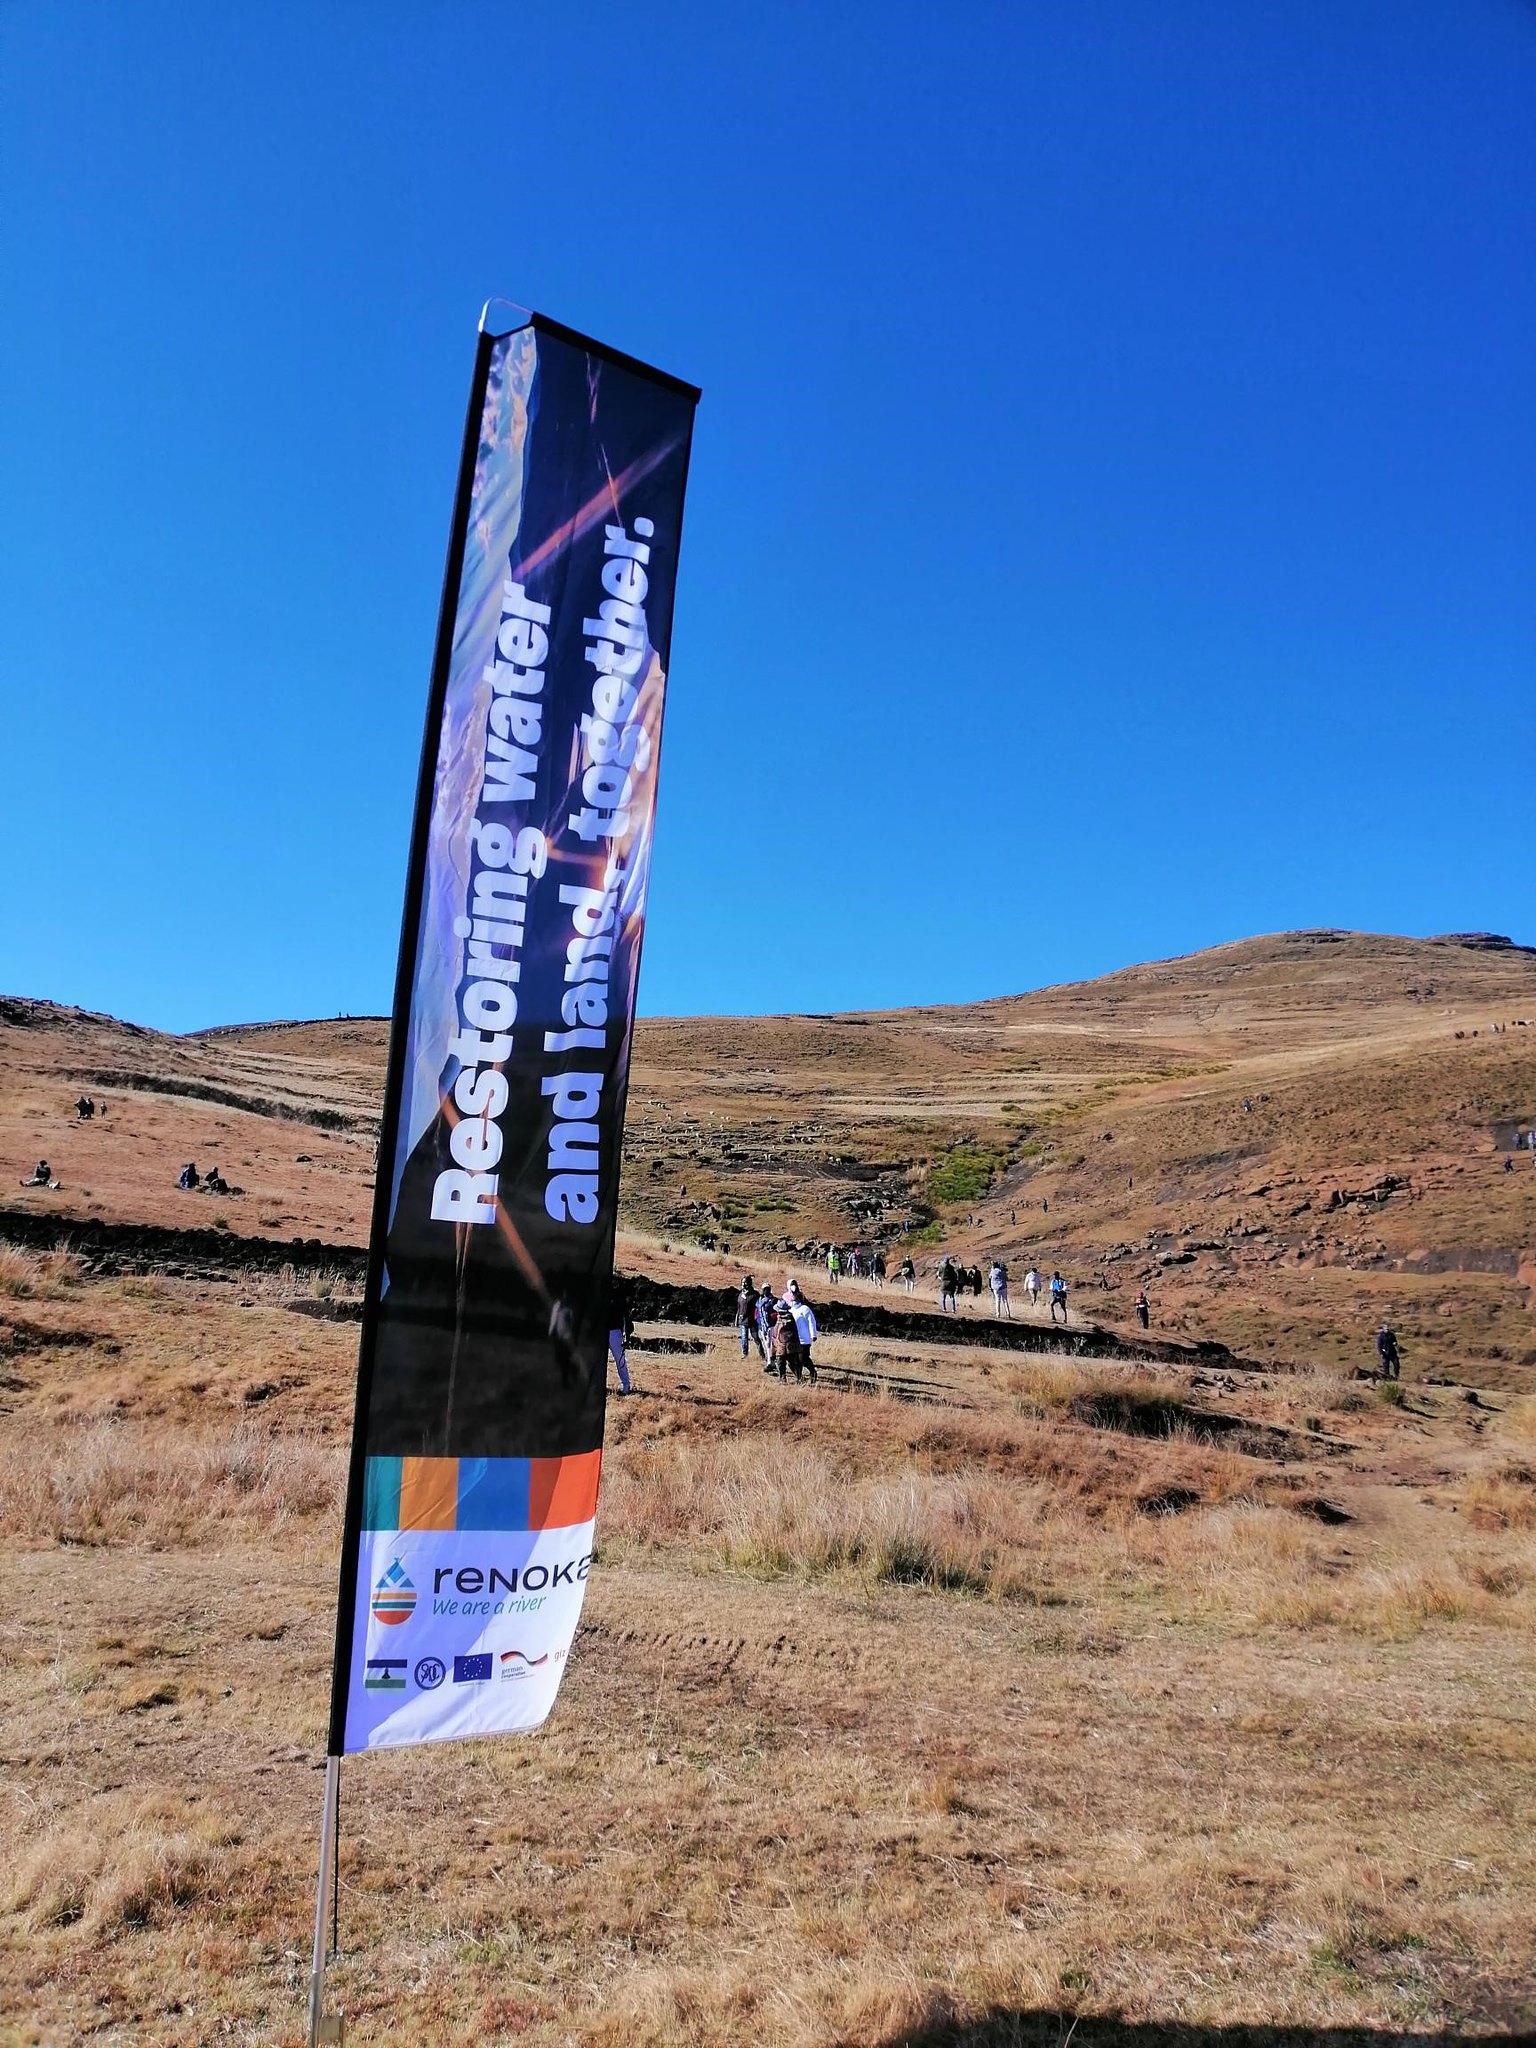 ReNoka banner